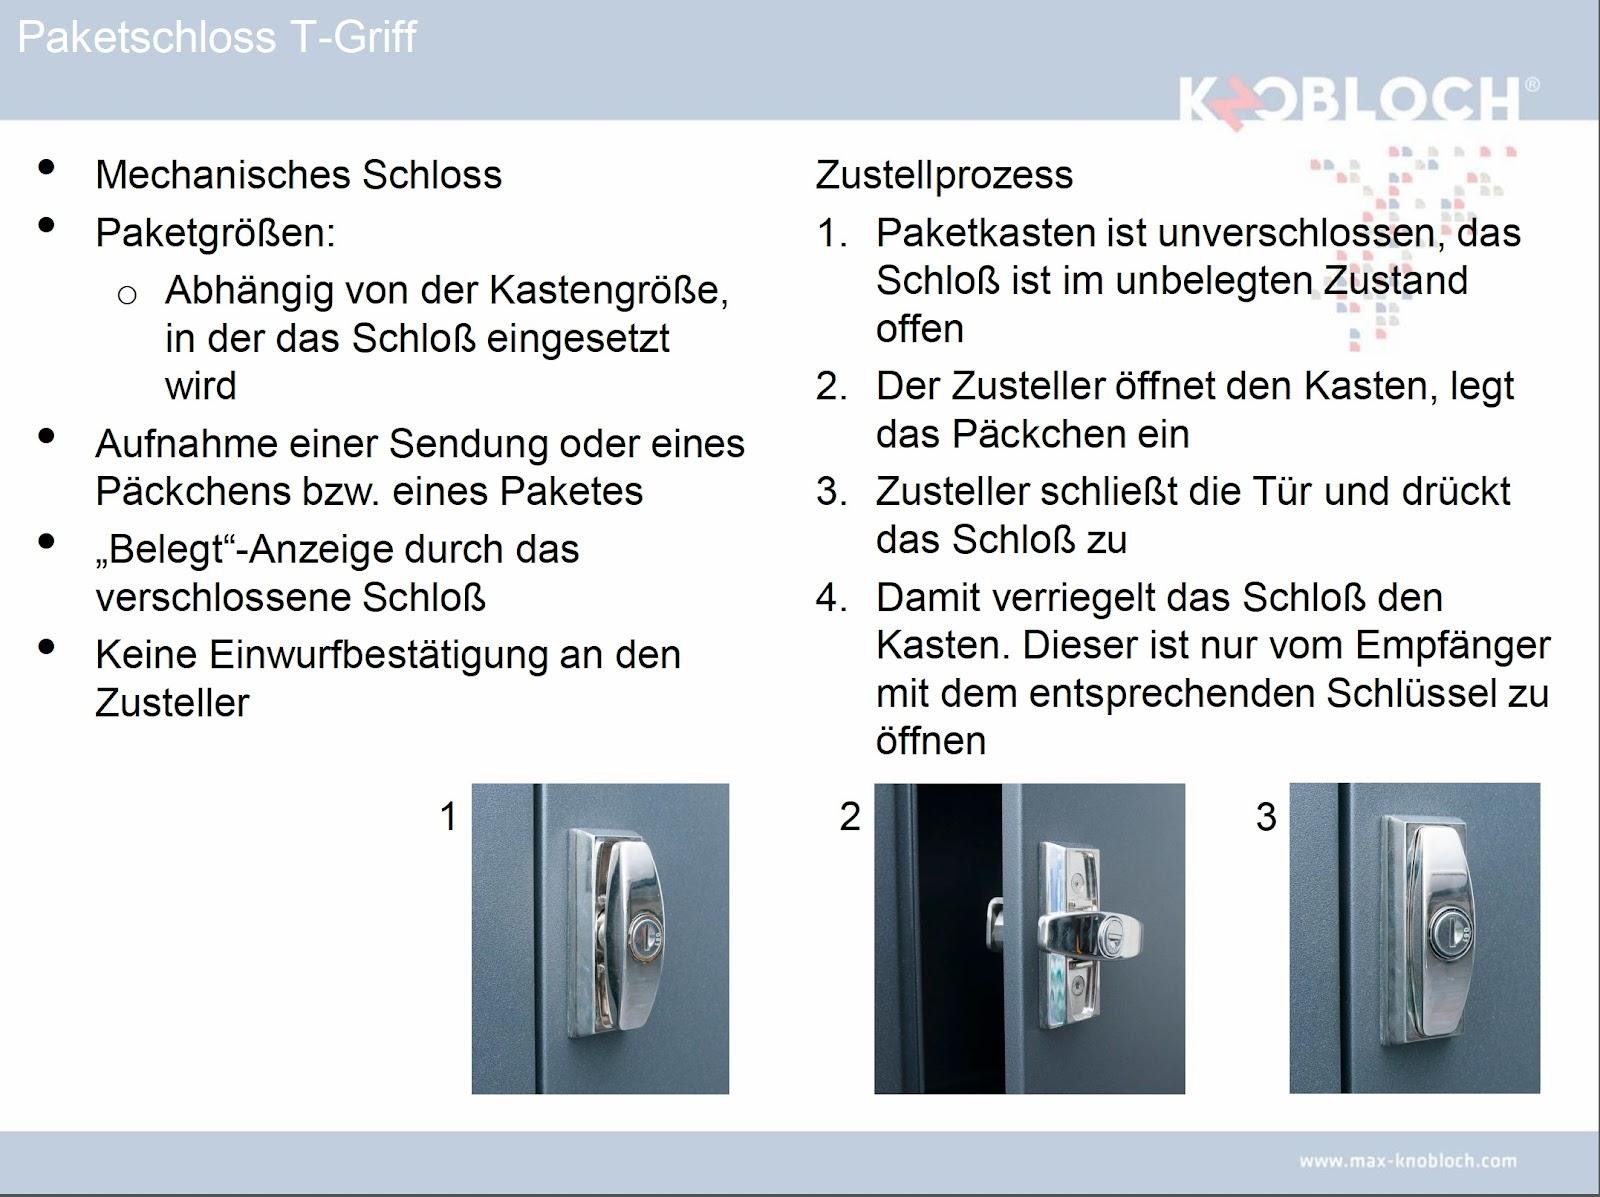 KNOBLOCH_Paketkästen_pdf III.jpg